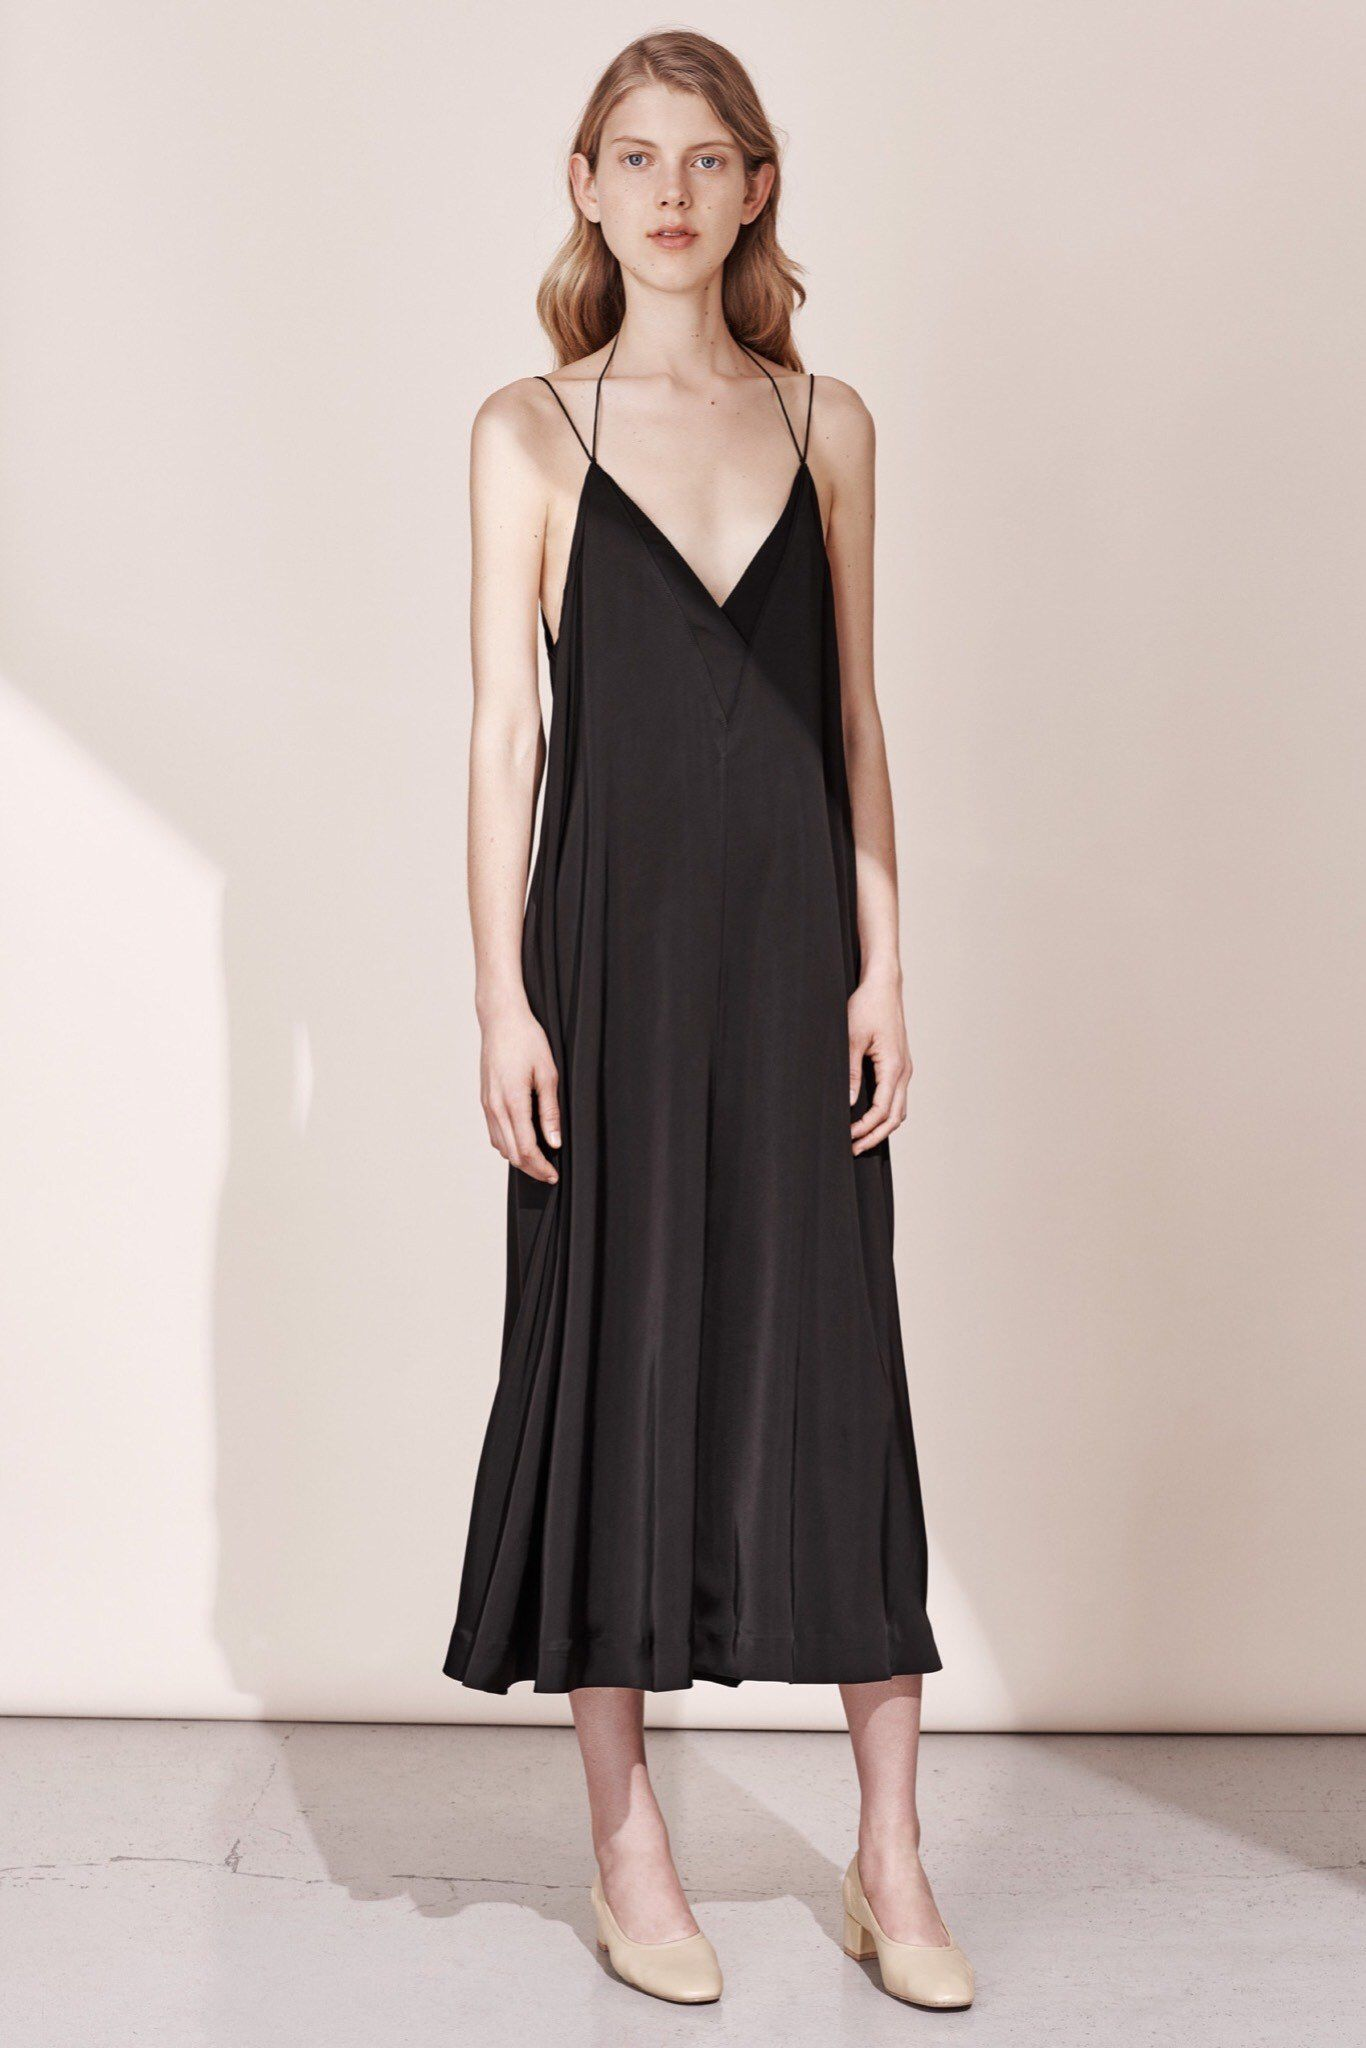 Jill Stuart Resort 2016 Fashion Show Платья, Стиль